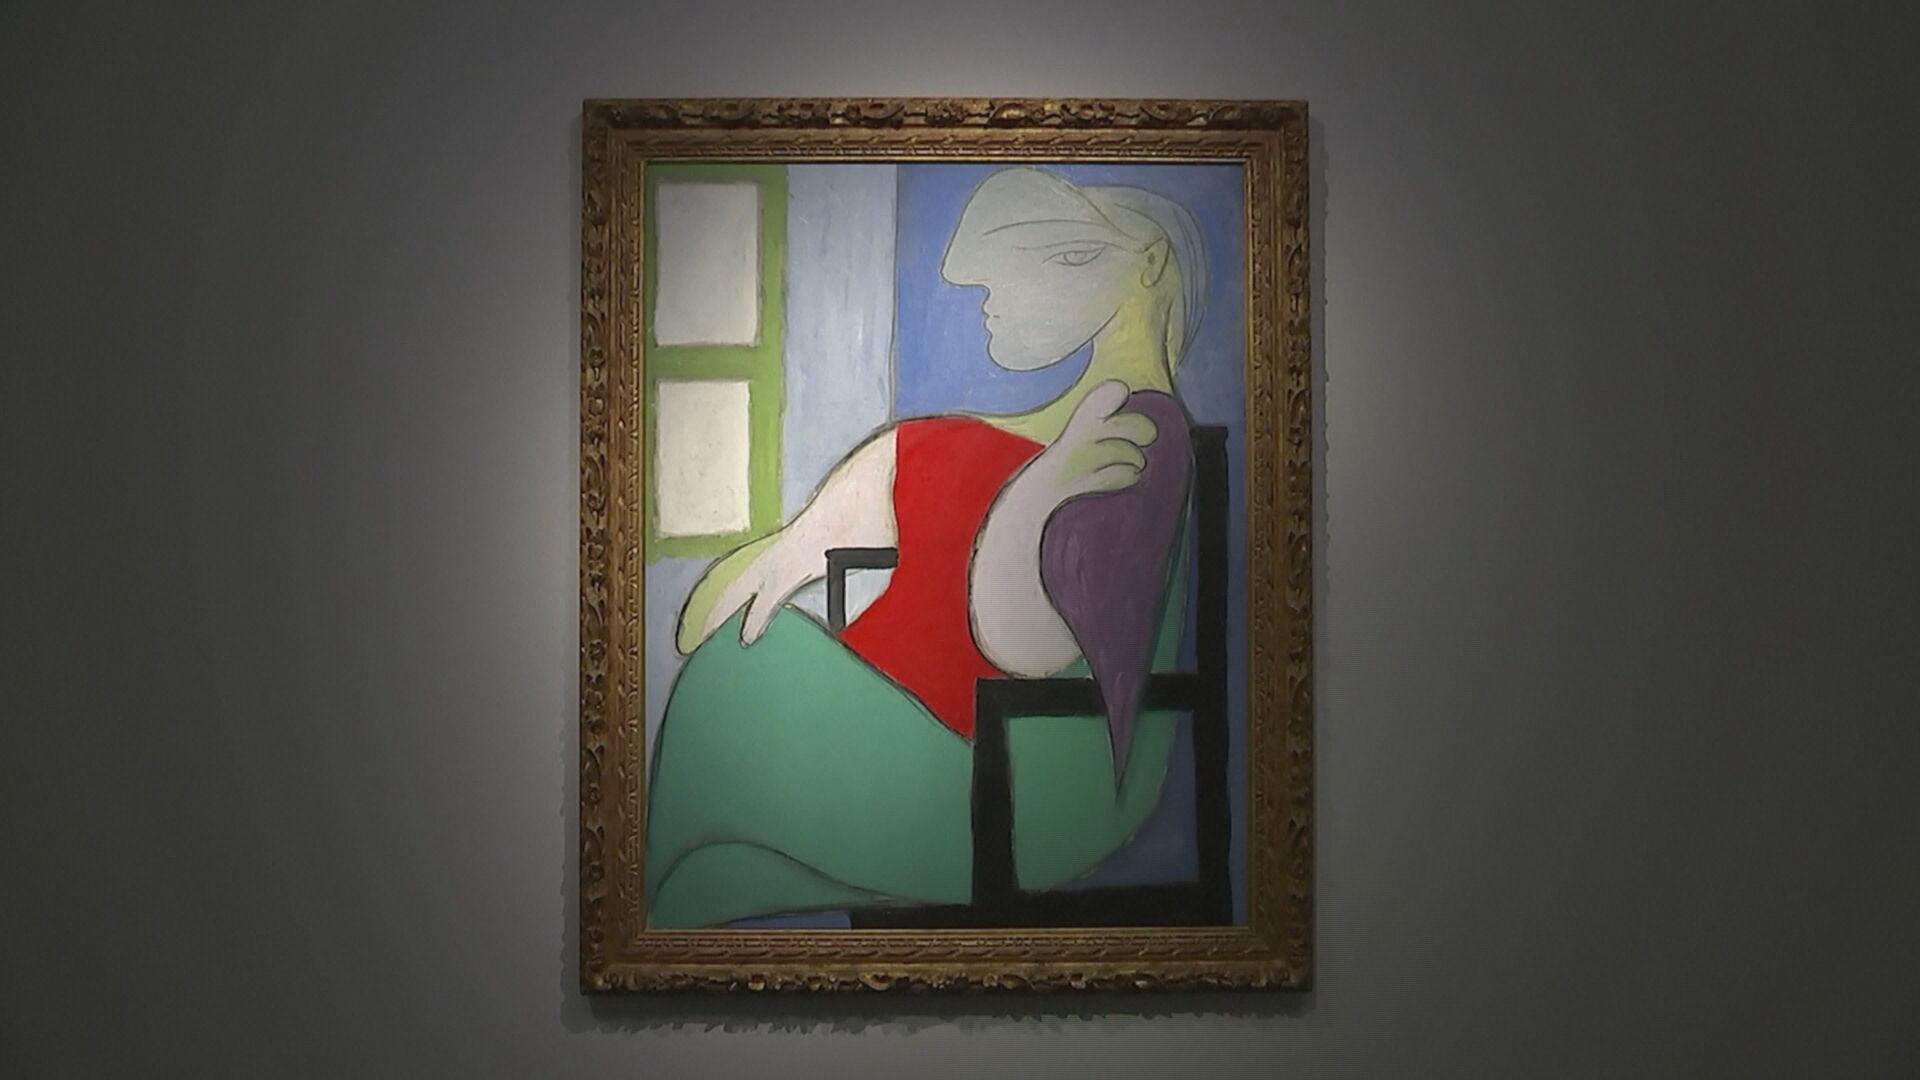 """Quadro """"Mulher sentada junto a uma janela"""" de Pablo Picasso, feito em 1932 (14.m"""